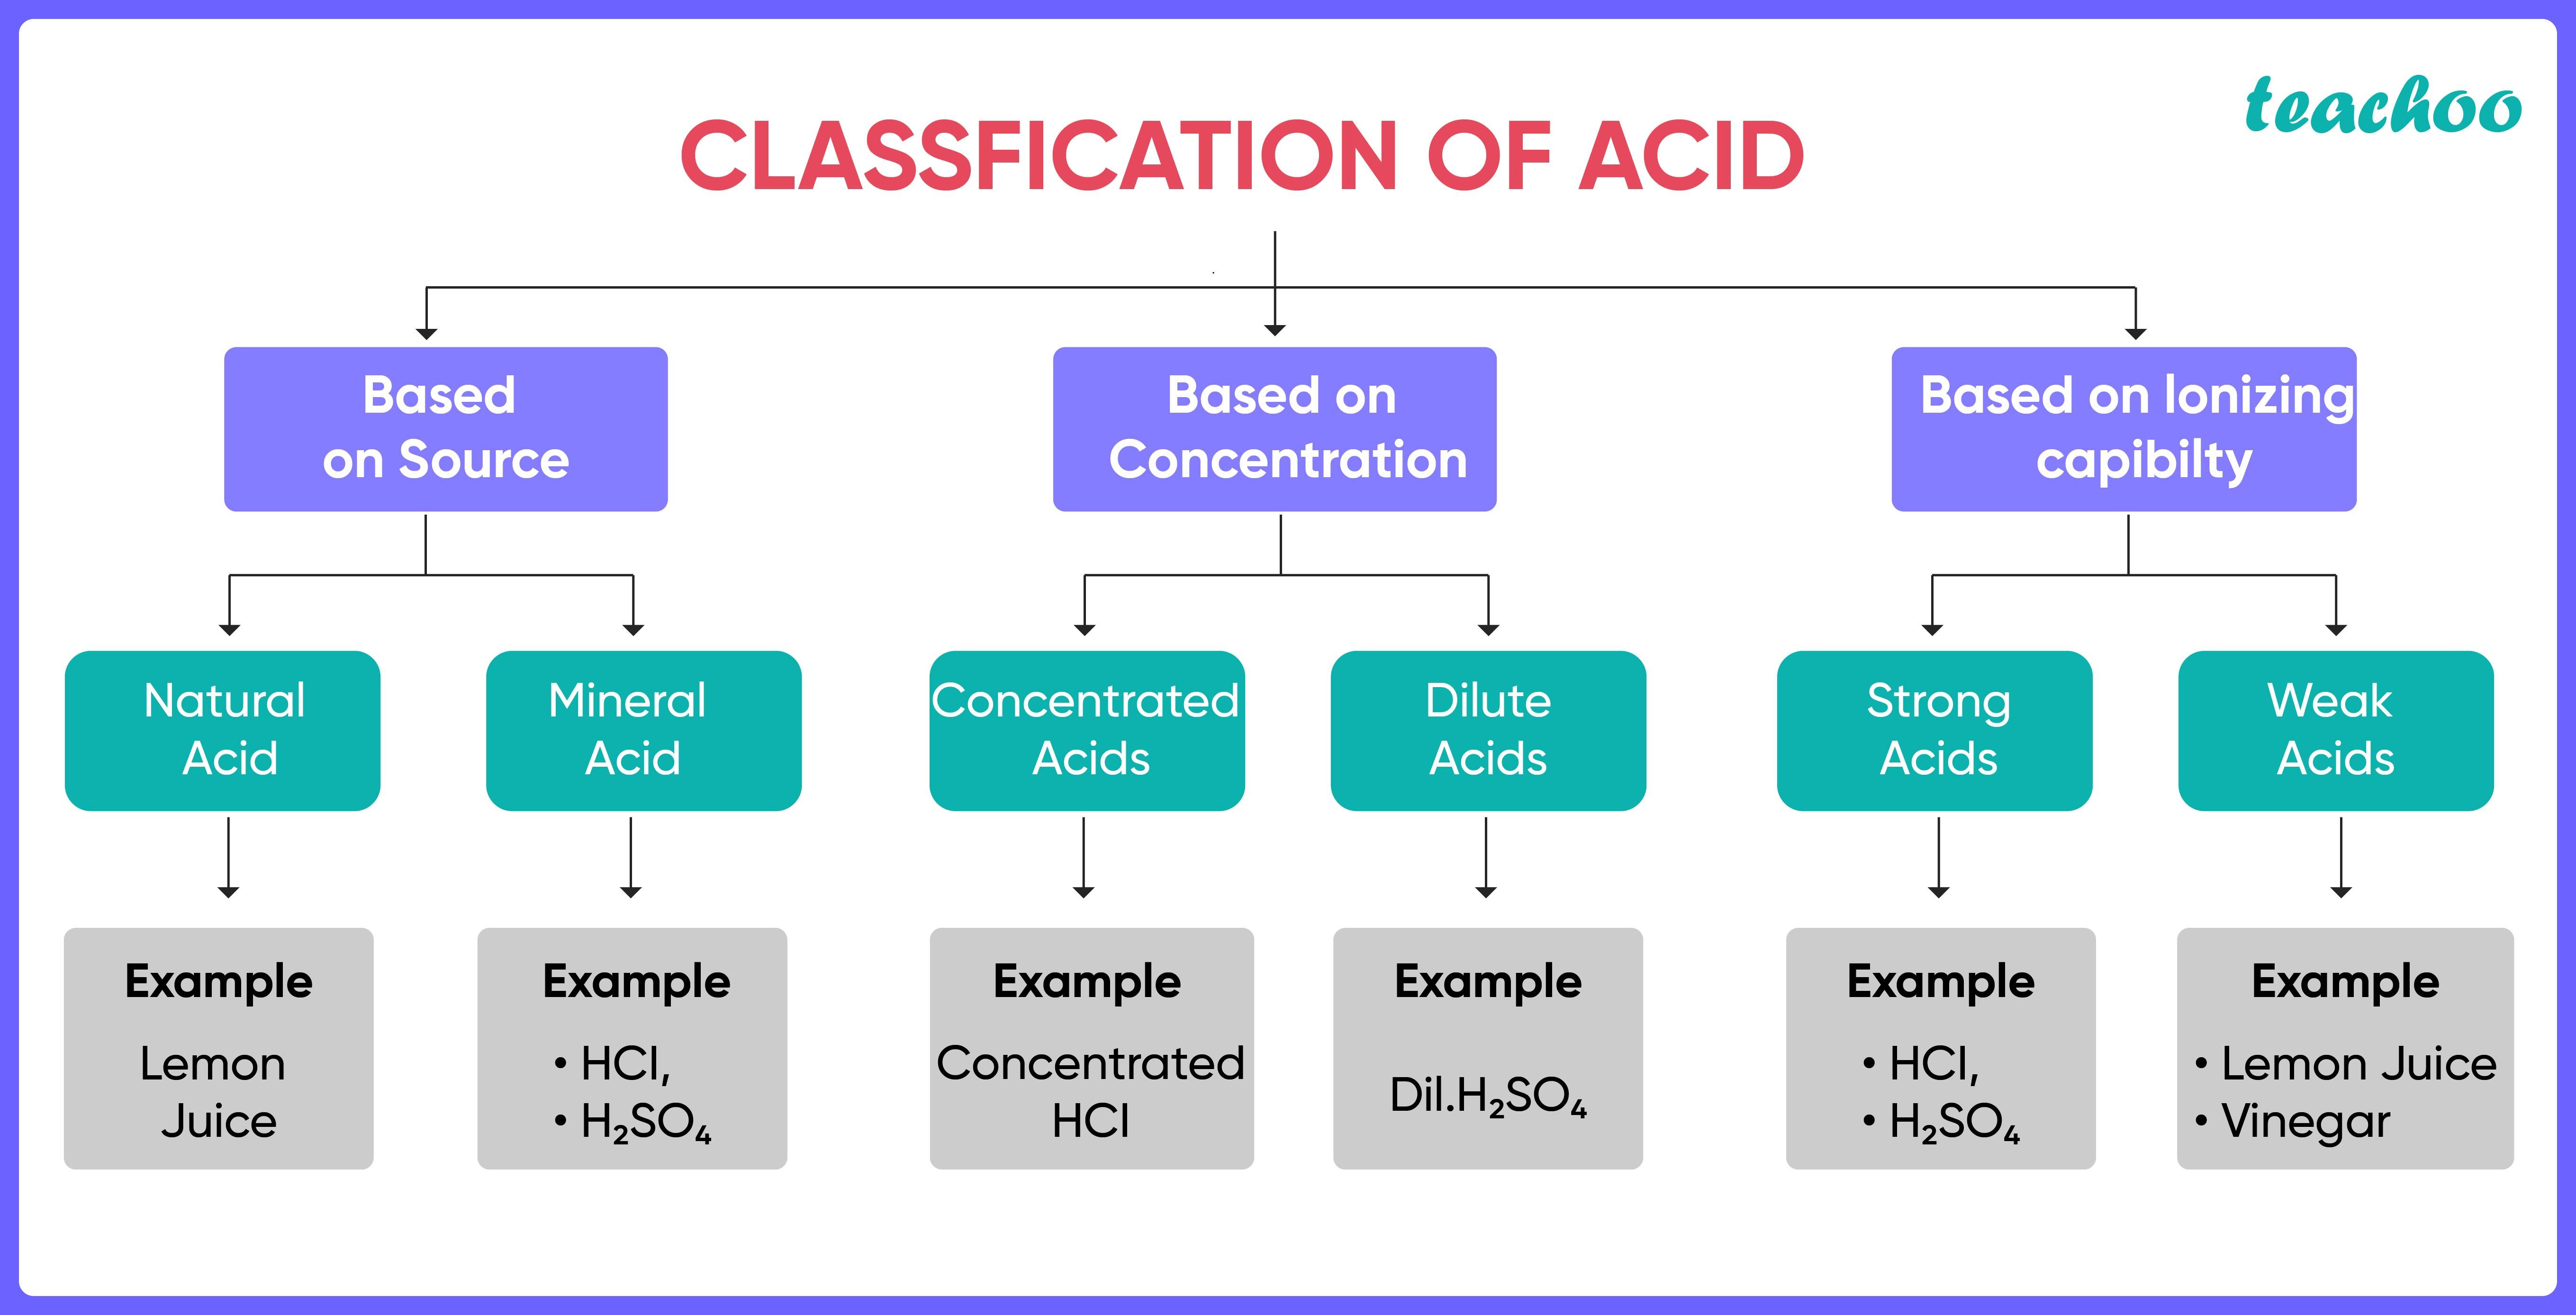 Classification of Acid-Teachoo.jpg